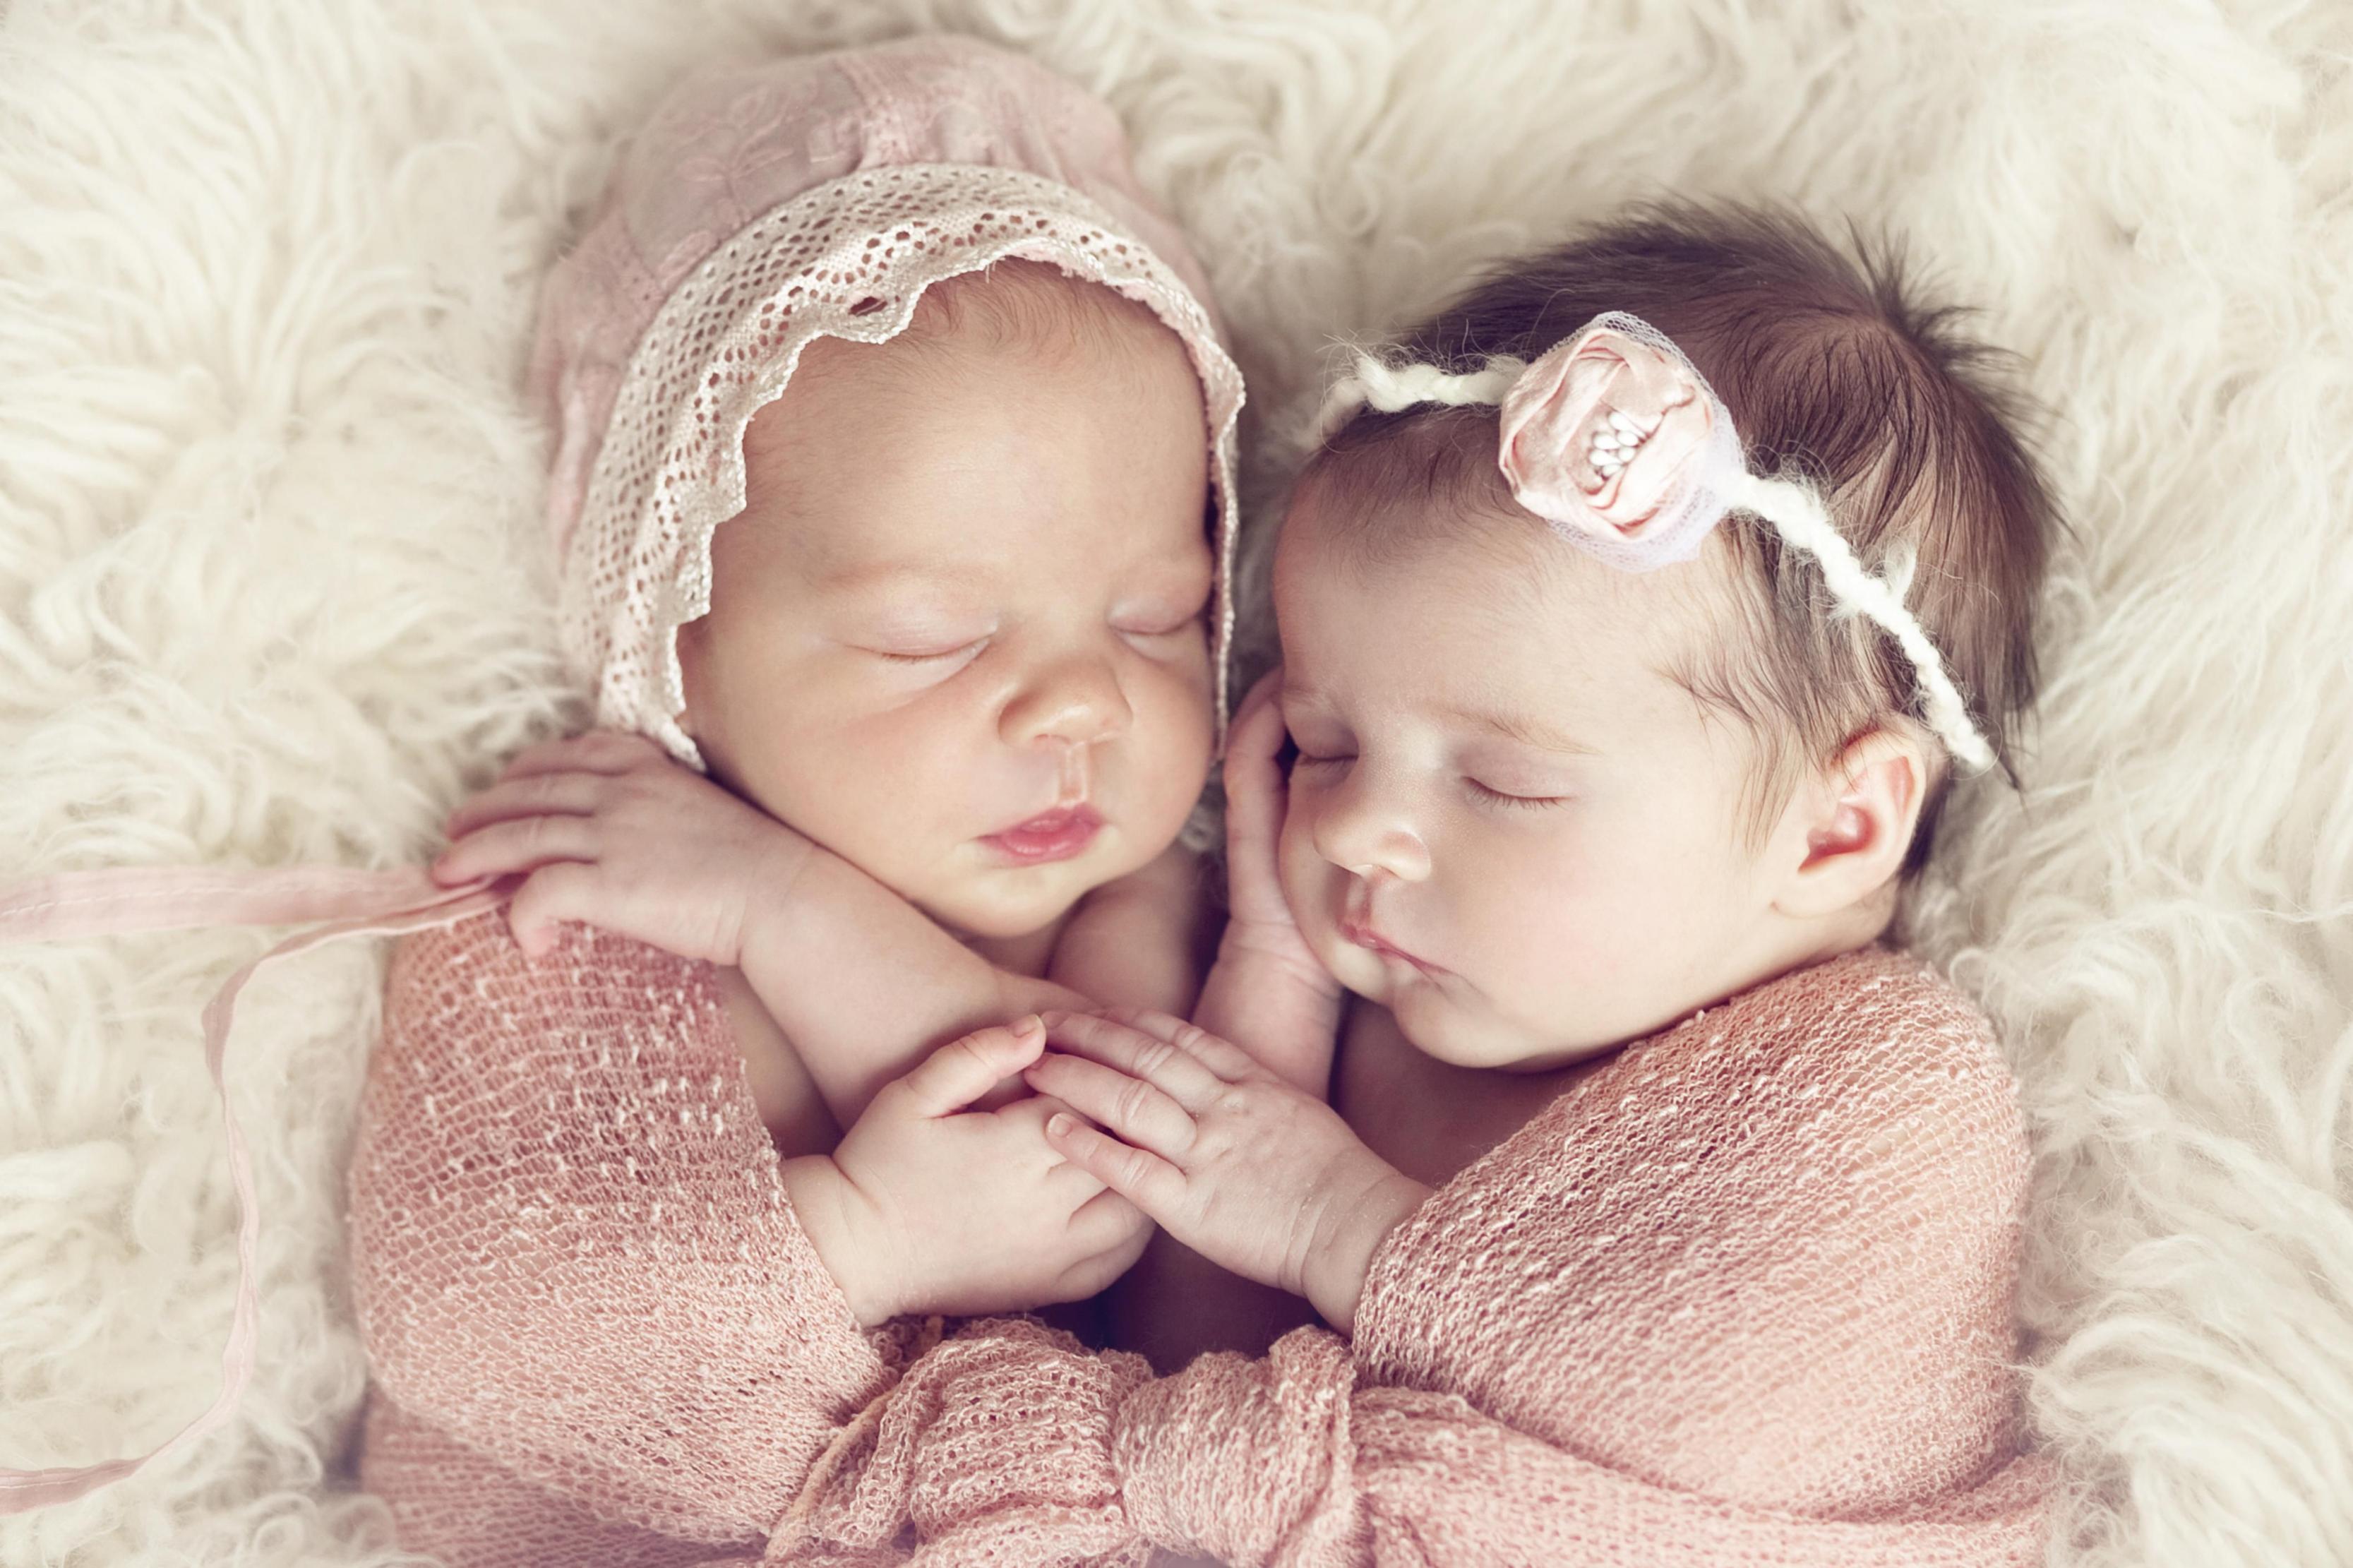 بالصور احلى الصور للاطفال الصغار , شاهد احلى الصور للاطفال الصغار 3848 1